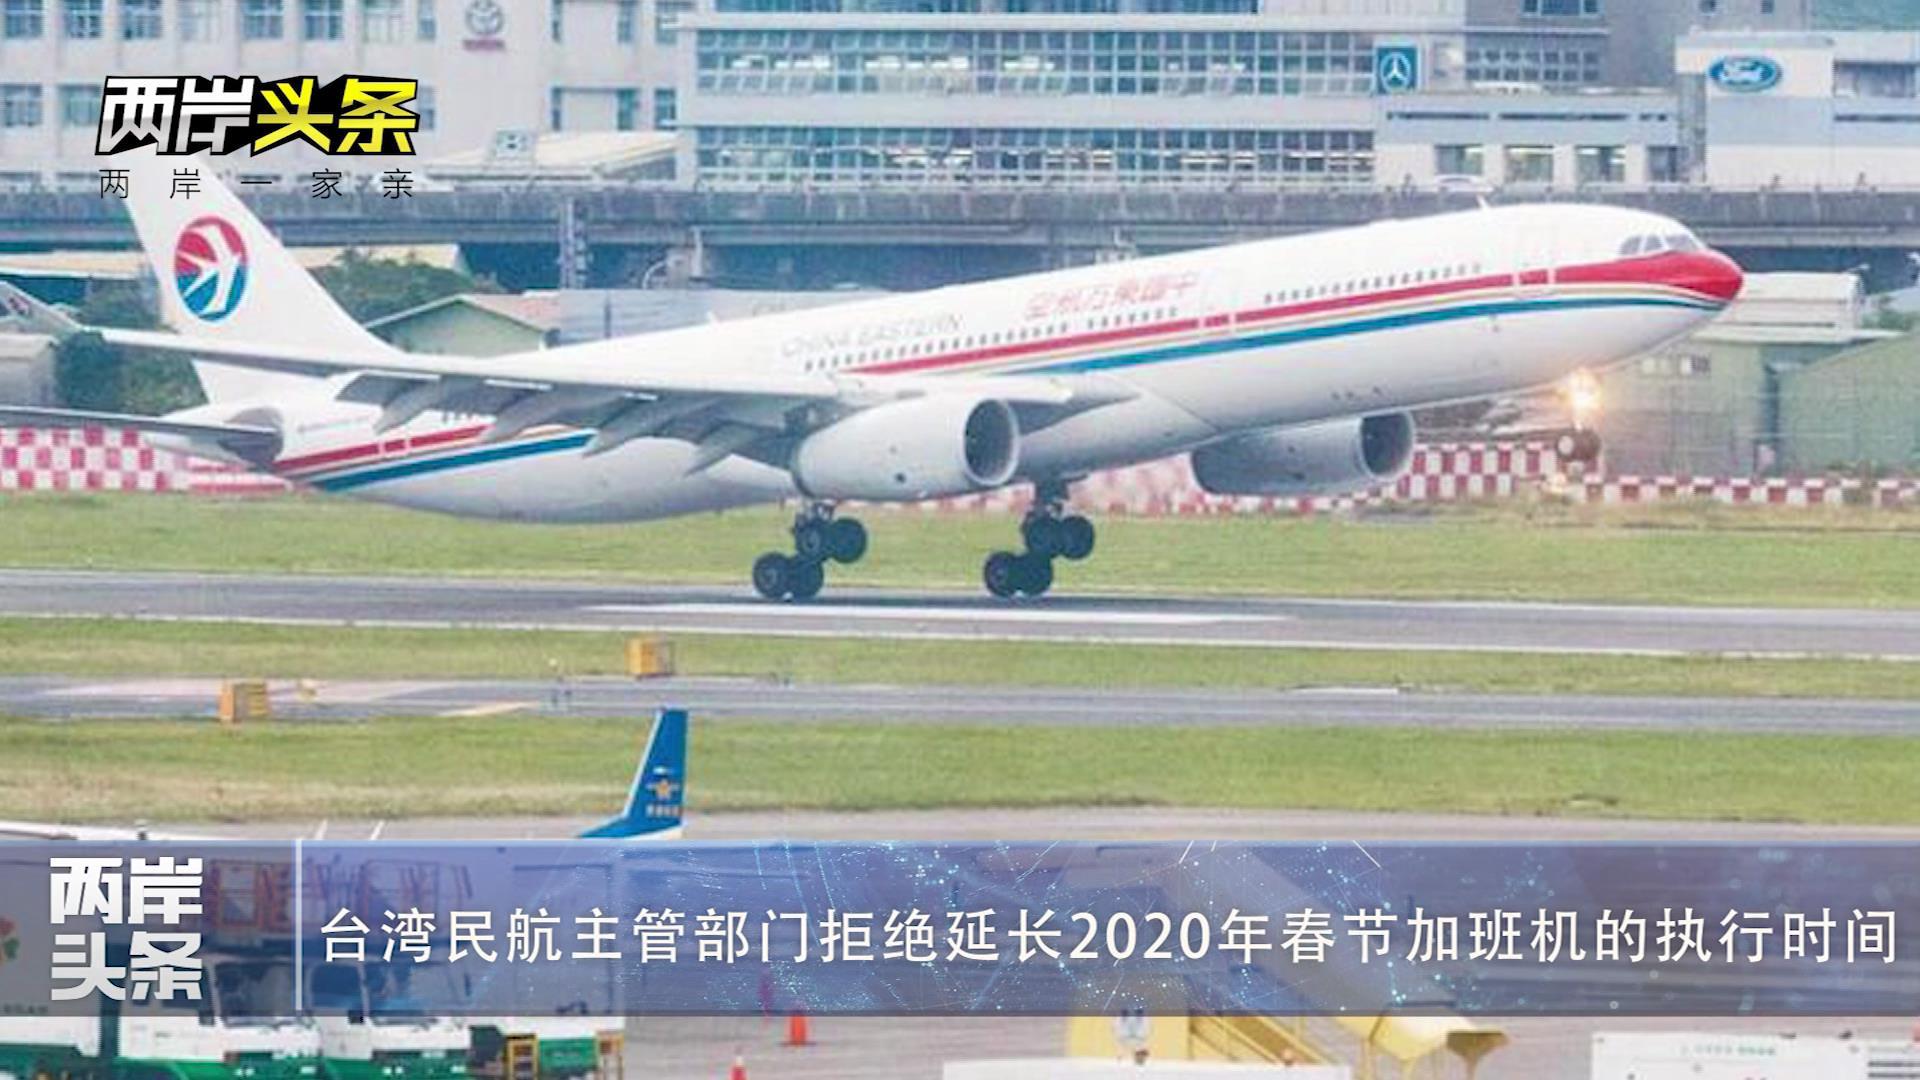 【两岸头条】台湾民航主管部门拒绝延长2020年春节加班机的执行时间图片